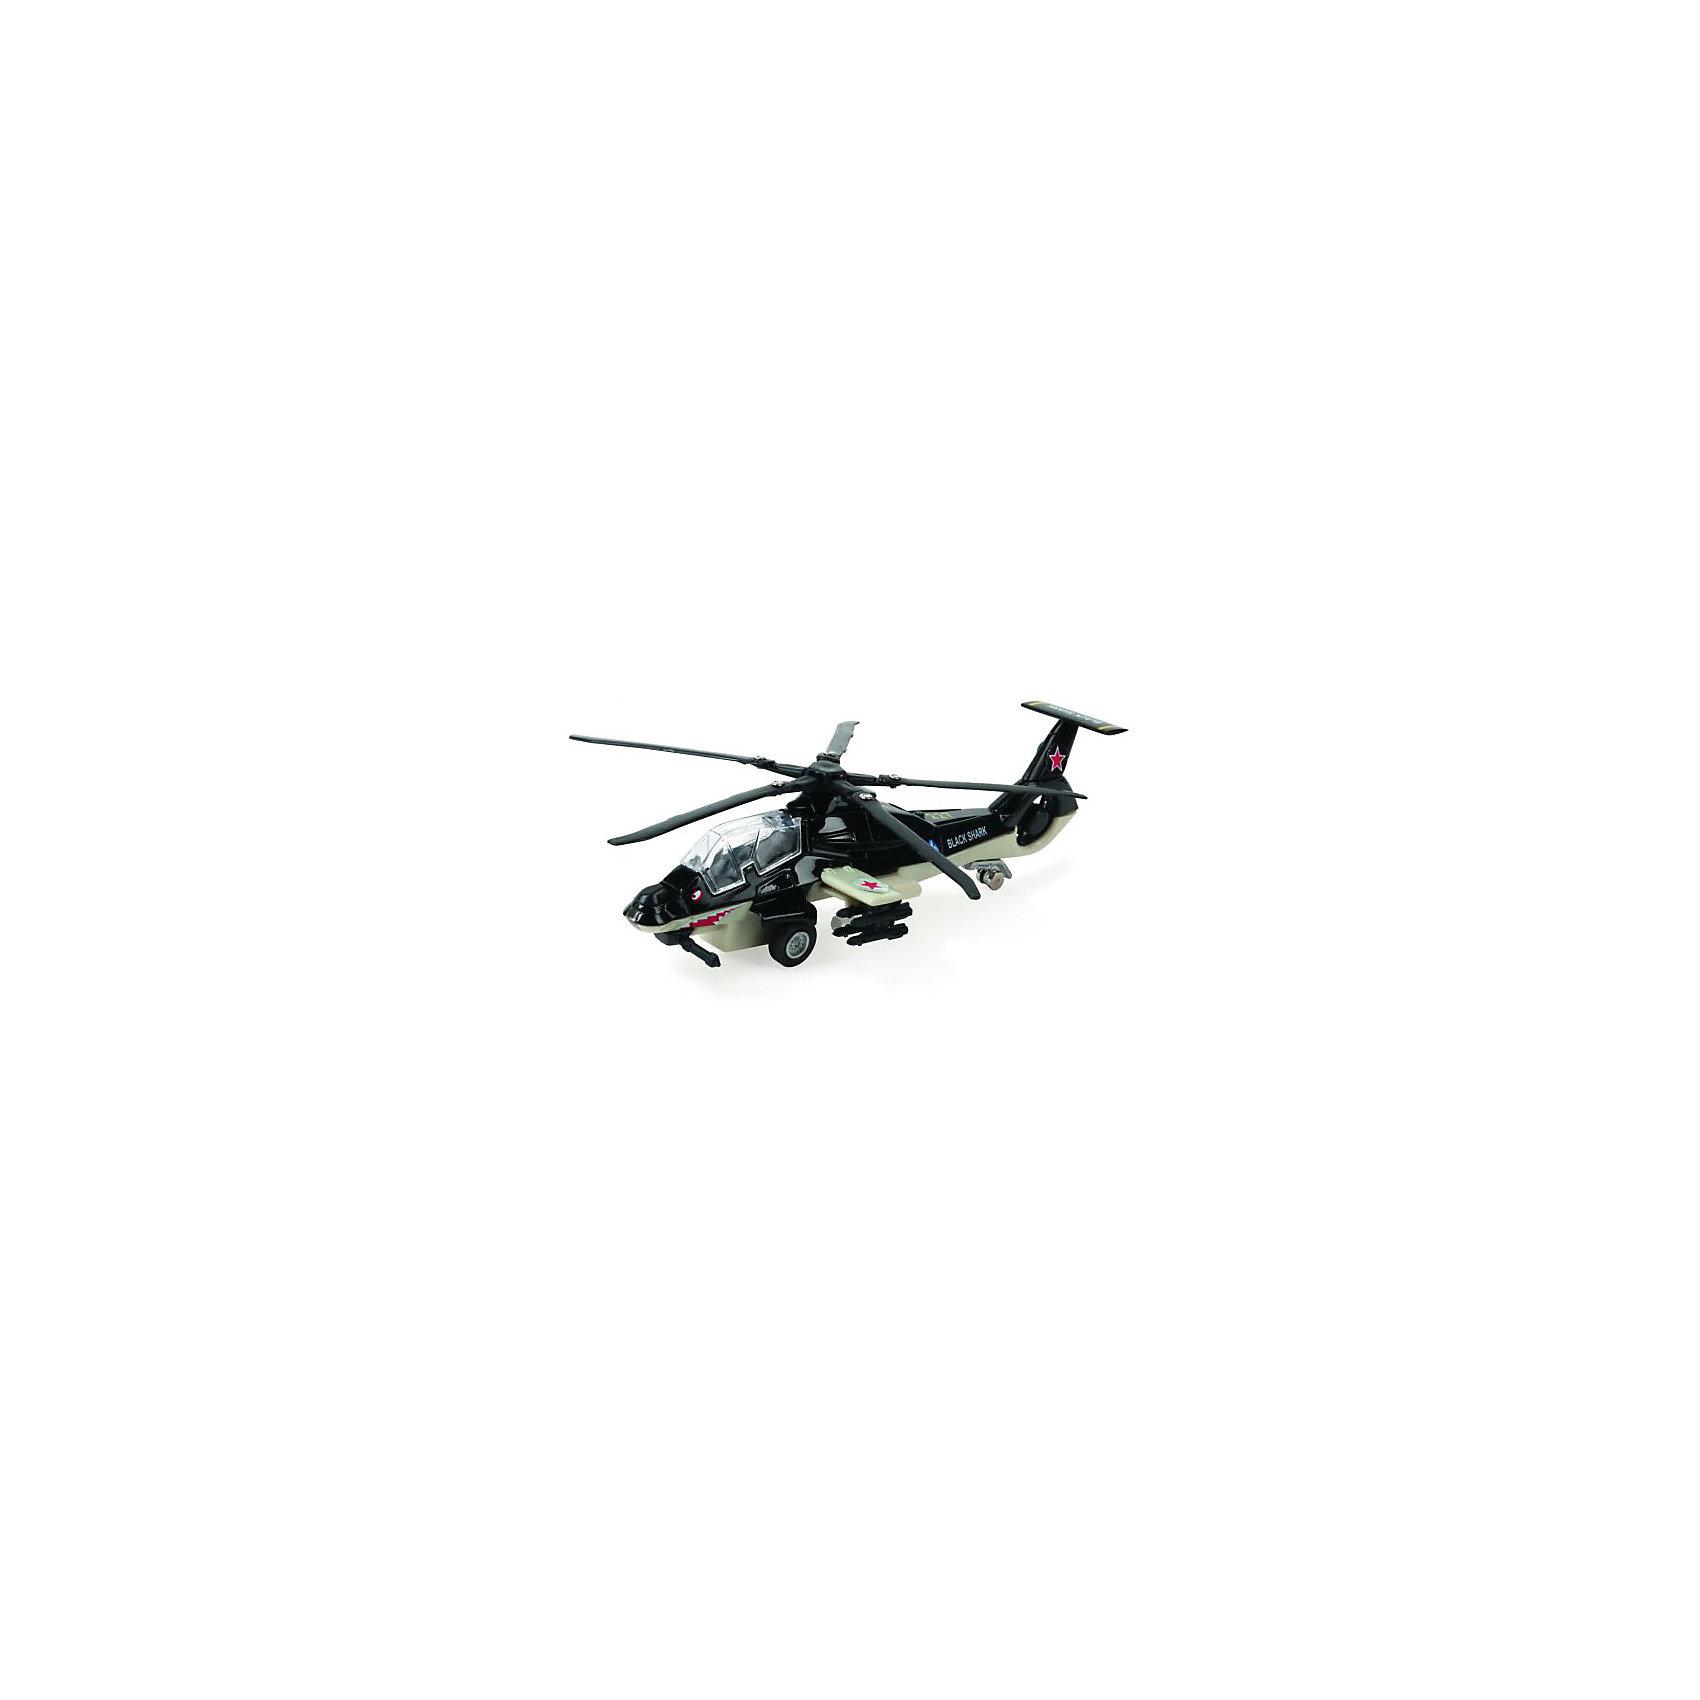 Вертолет, инерционный, со светом и звуком, металл, ТЕХНОПАРКСамолёты и вертолёты<br>Вертолет, инерционный, со светом и звуком, металл, ТЕХНОПАРК – это пример детального воплощения мощной боевой техники в игрушке.<br>Модель знаменитого вертолета «Черная акула» в точности повторяет оригинал. Модель отличается высоким качеством исполнения и детализации. Несущий винт вертолета вращается. При нажатии кнопки на корпусе вертолета прозвучат звуки стрельбы и загорятся лампочки в кабине пилота и под крыльями. Чтобы играть с ней было еще интереснее, производитель оснастил ее инерционным механизмом, благодаря которому она может ездить вперед. Для этого нужно лишь немного нажать на корпус вертолета и немного подвинуть его назад. После того, как игрушка будет отпущена, она тут же помчится вперед. Прорезиненные колеса обеспечивают надежное сцепление с любой гладкой поверхностью. Ваш ребенок часами будет играть с вертолетом, придумывая различные истории. Порадуйте его таким замечательным подарком!<br><br>Дополнительная информация:<br><br>- Масштаб: 1:43<br>- Цвет: черный<br>- Размер: 21 х 7,5 х 6 см.<br>- Батарейки: 3 типа LR41 напряжением 1,5V (в комплекте демонстрационные)<br>- Материал: металл, пластик, резина<br>- Размер упаковки: 9 x 28 x 15 см.<br><br>Вертолет, инерционный, со светом и звуком, металл, ТЕХНОПАРК можно купить в нашем интернет-магазине.<br><br>Ширина мм: 600<br>Глубина мм: 580<br>Высота мм: 400<br>Вес г: 280<br>Возраст от месяцев: 36<br>Возраст до месяцев: 120<br>Пол: Мужской<br>Возраст: Детский<br>SKU: 4185321